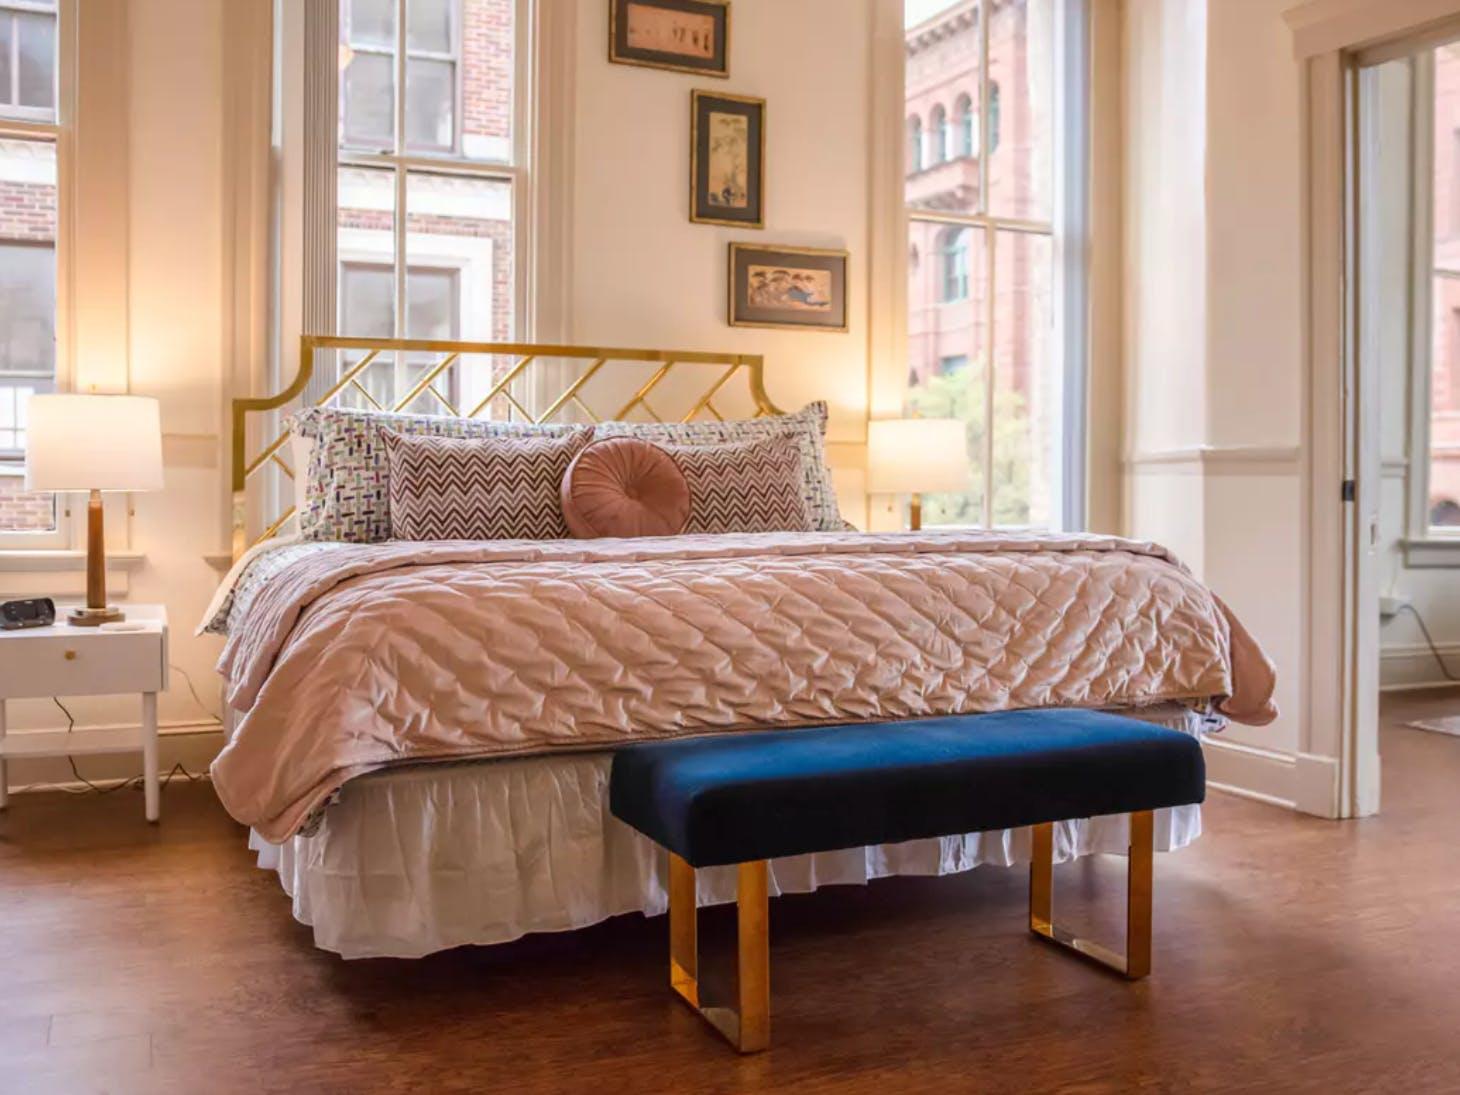 Artfully design vacation rental bedroom